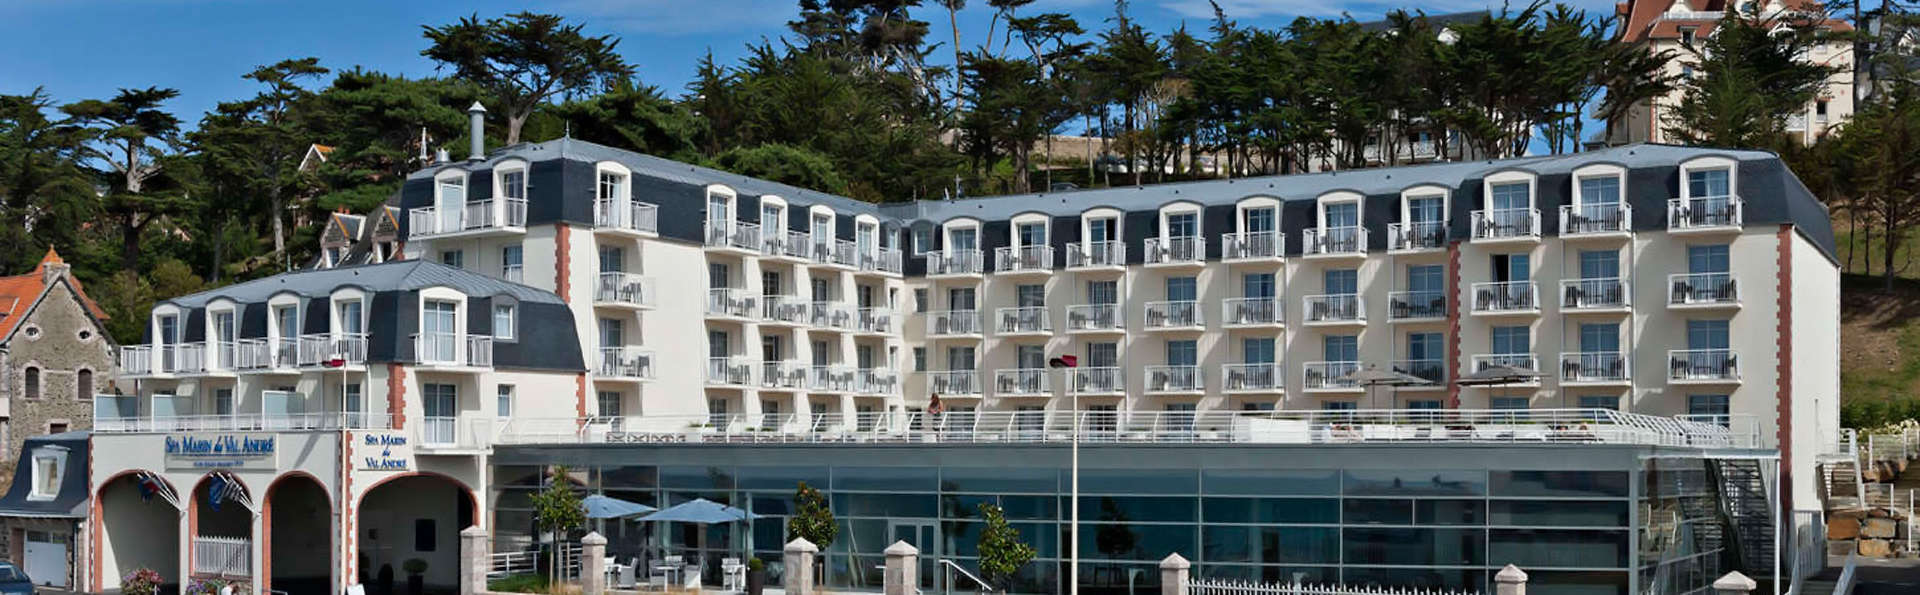 Escale romantique avec accueil VIP face à la mer à Pléneuf-Val-André